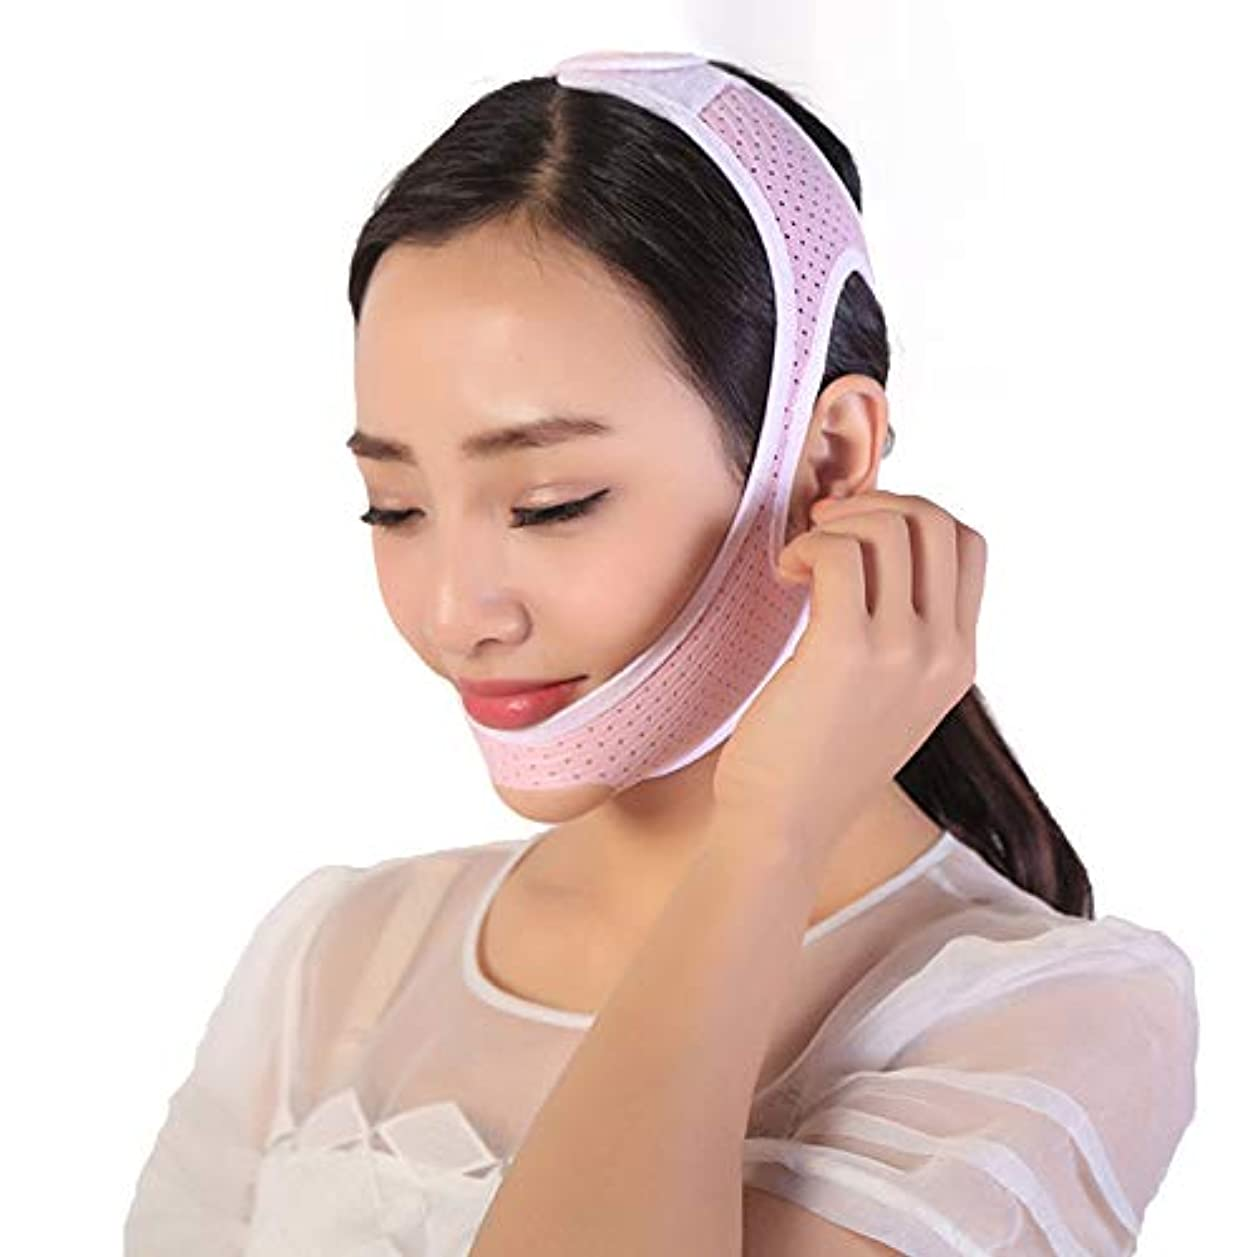 カウボーイゴミ箱一目Jia Jia- フェイシャルリフティングスリミングベルト - 薄型フェイス包帯ダブルチンデバイスフェイシャルマッサージアンチエイジングリンクルフェイスマスクベルト 顔面包帯 (サイズ さいず : L l)